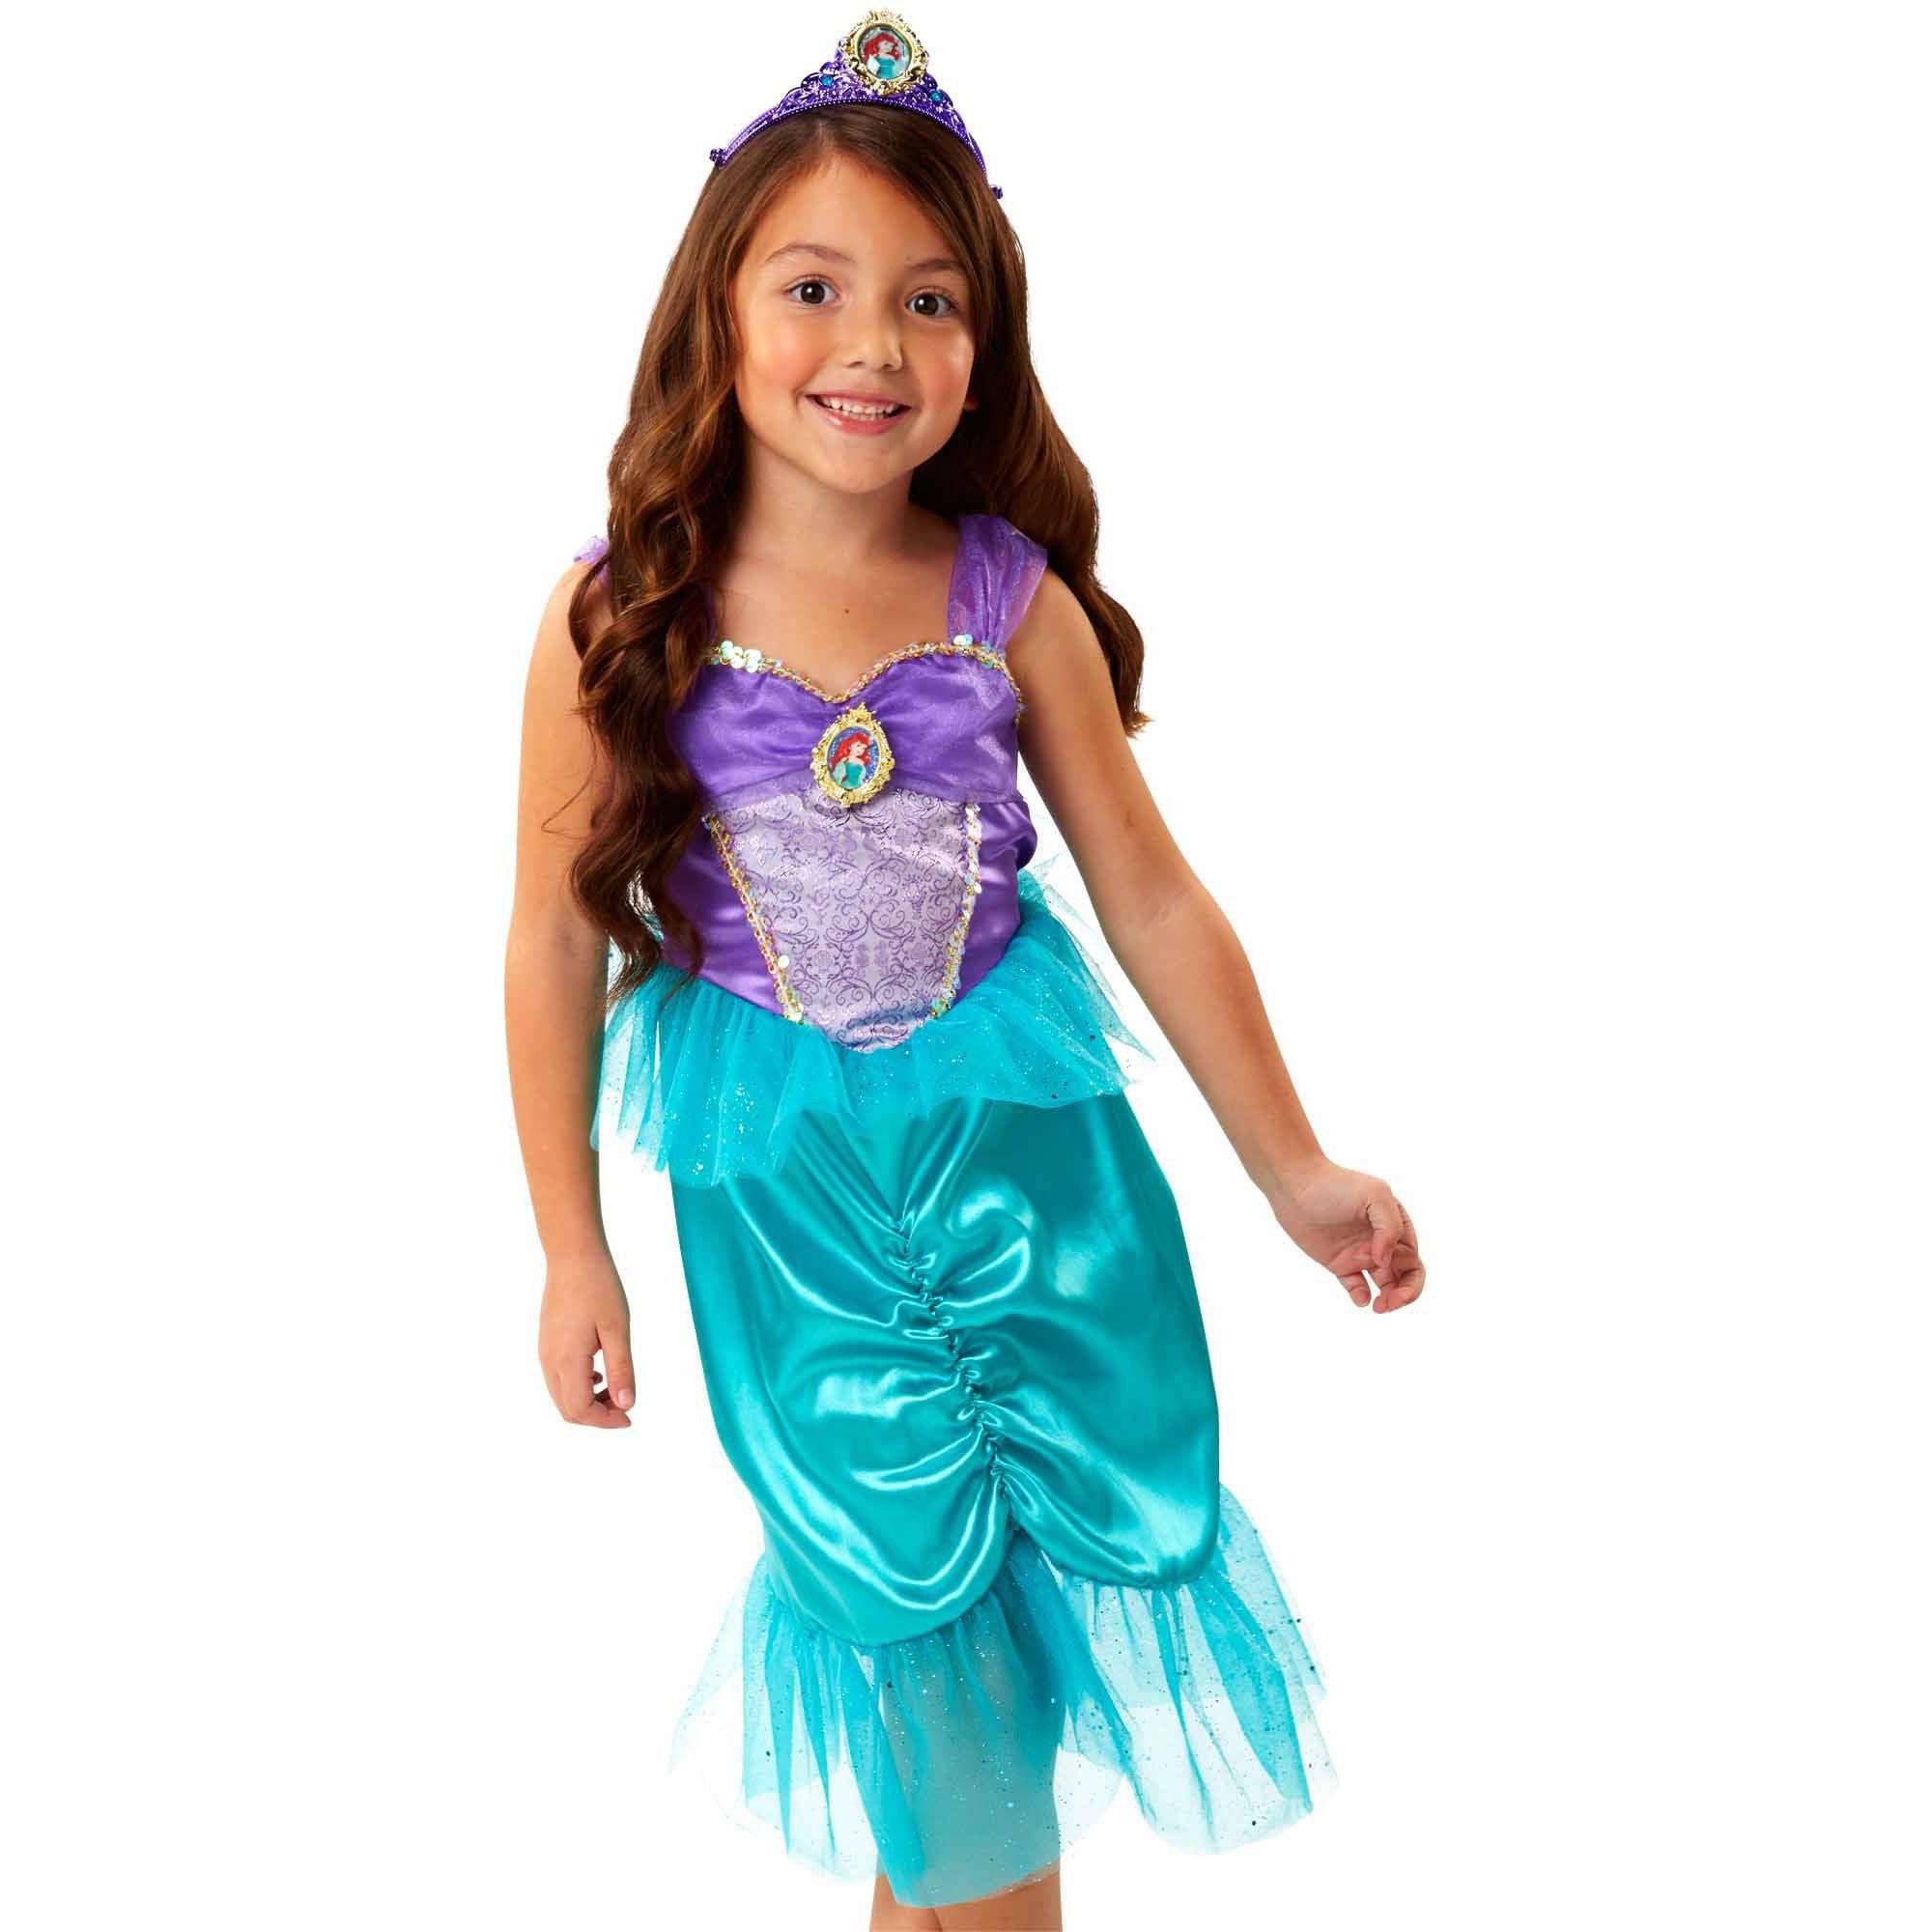 Disney Princess Ariel Keys to the Kingdom Dress by Freeze Children's Apparel